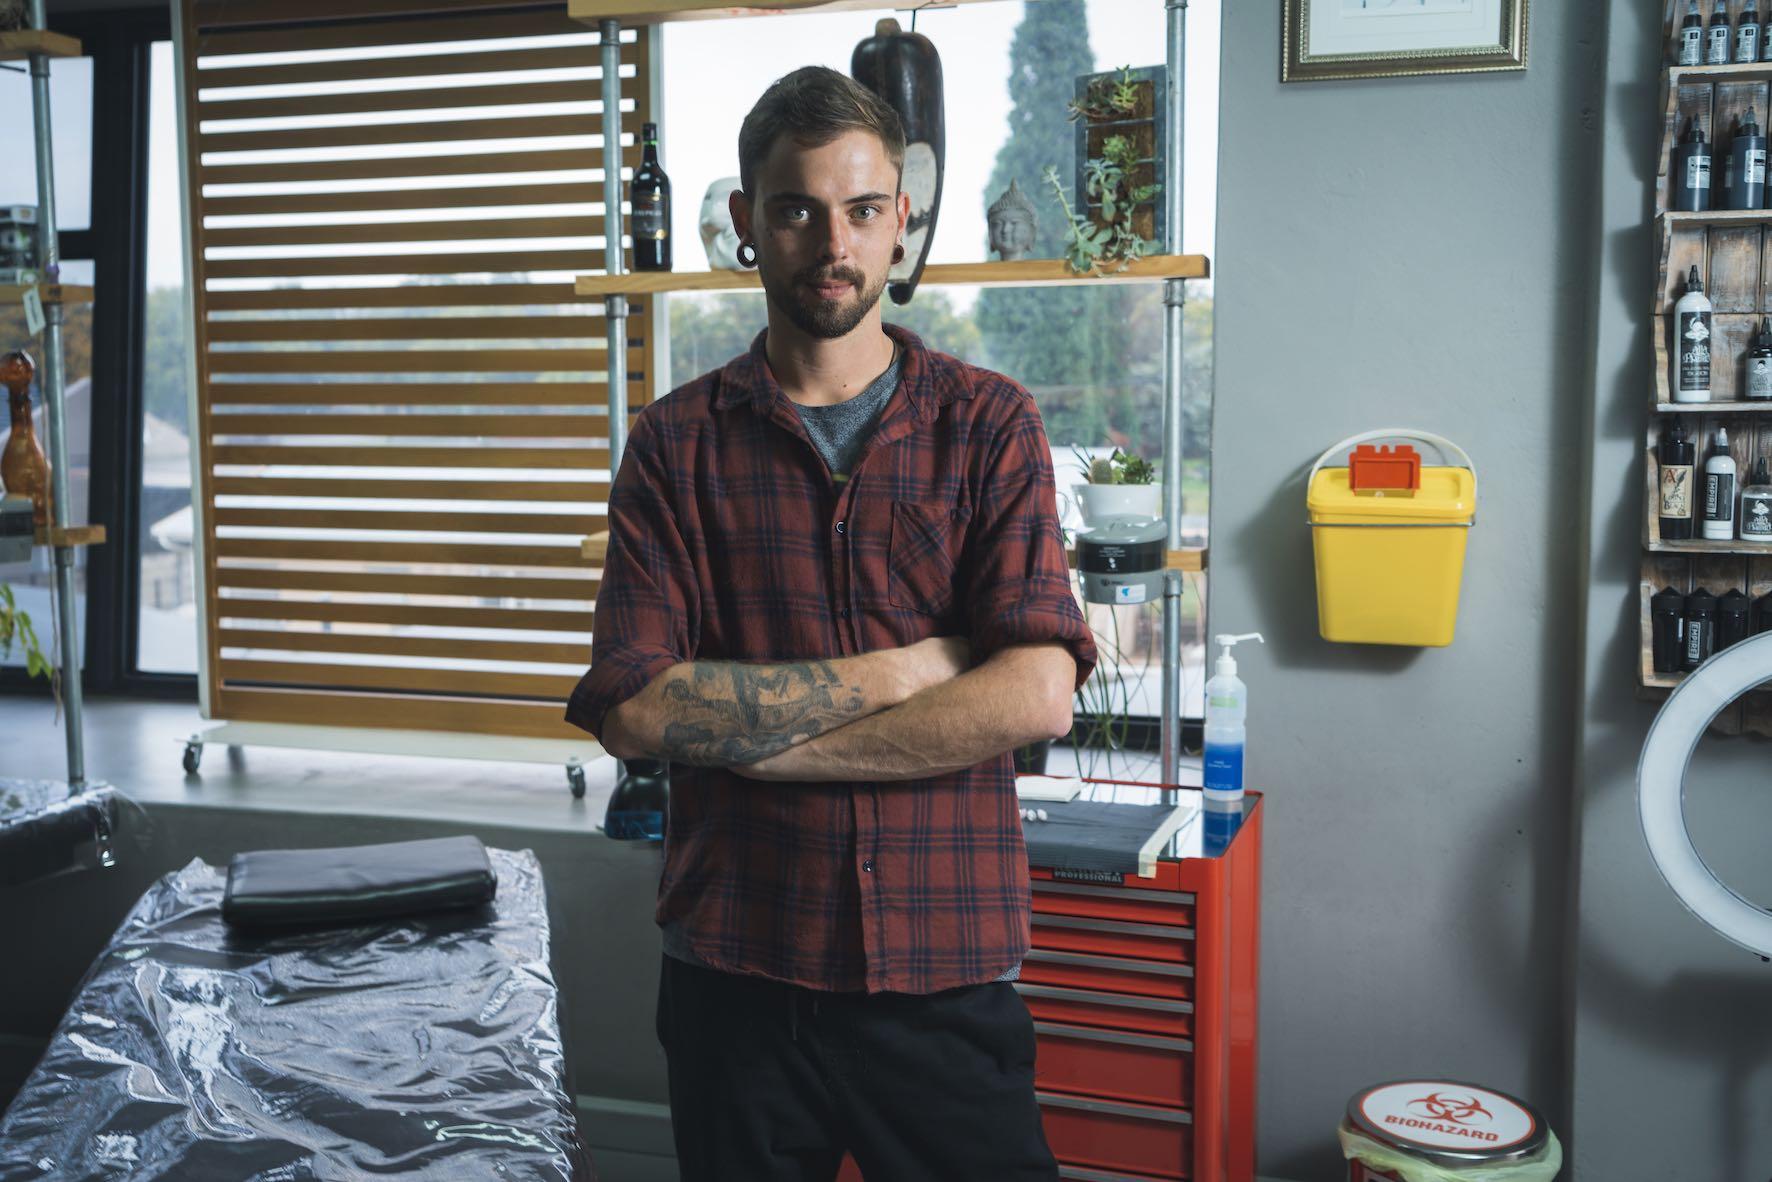 Introducing John Martin Viljoen in this week's Tattoo Artist feature